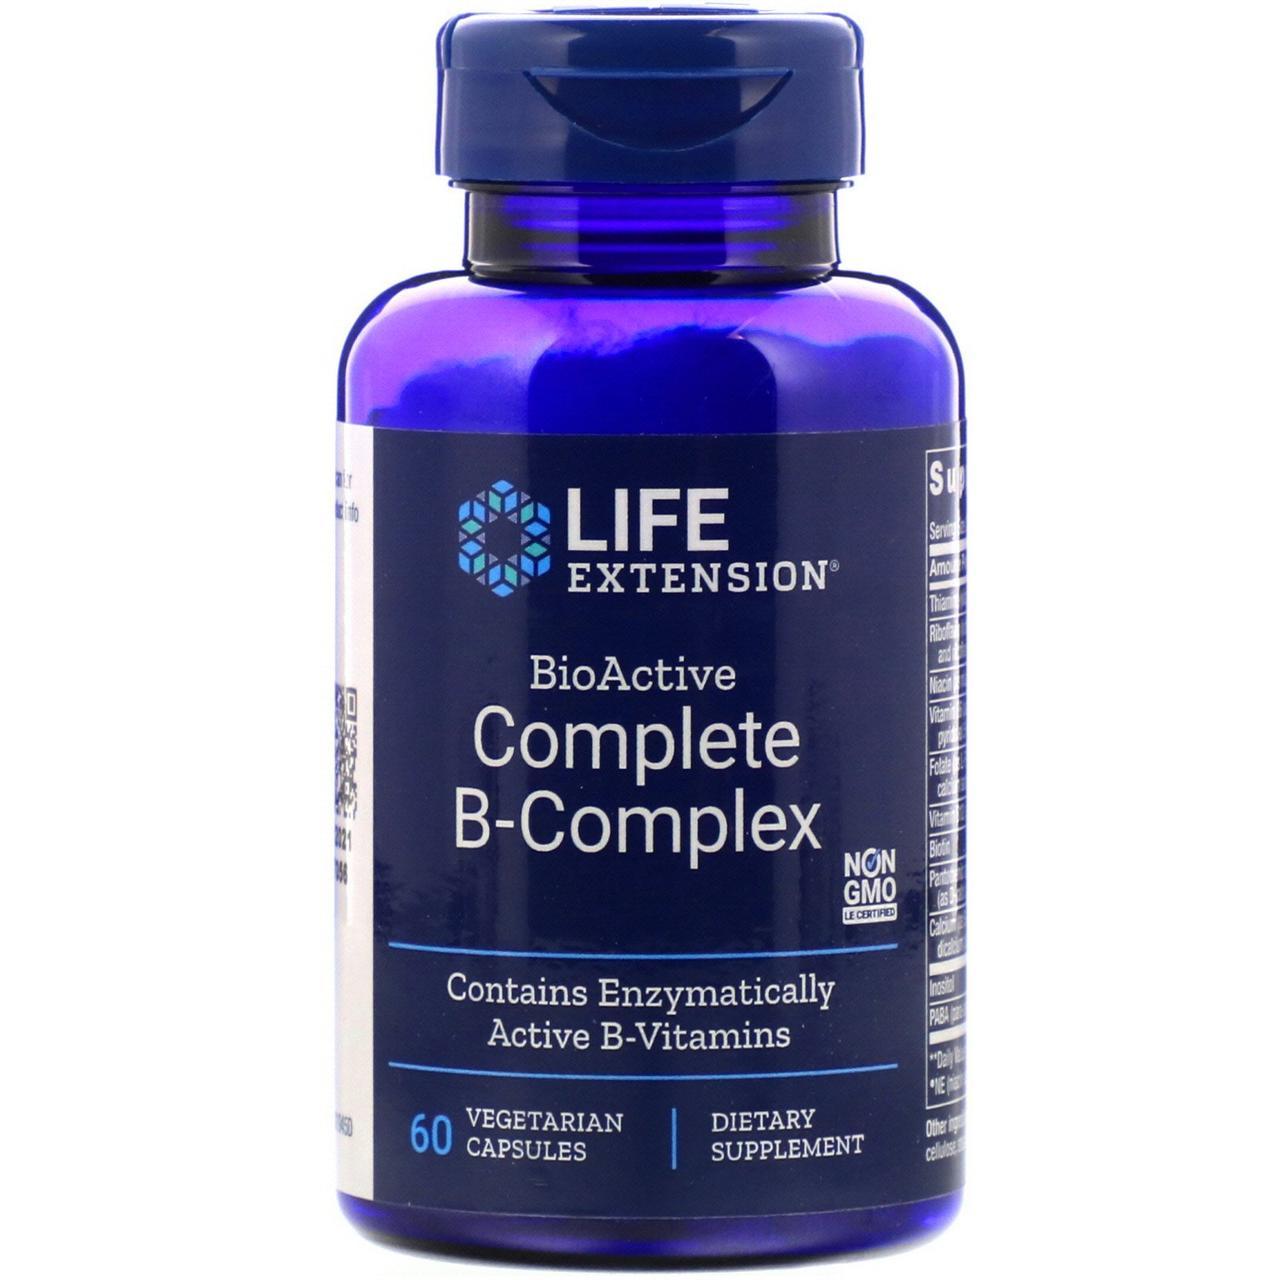 Комплекс витаминов группы B Life Extension, BioActive Complete B-Complex, 60 вегетарианских капсул